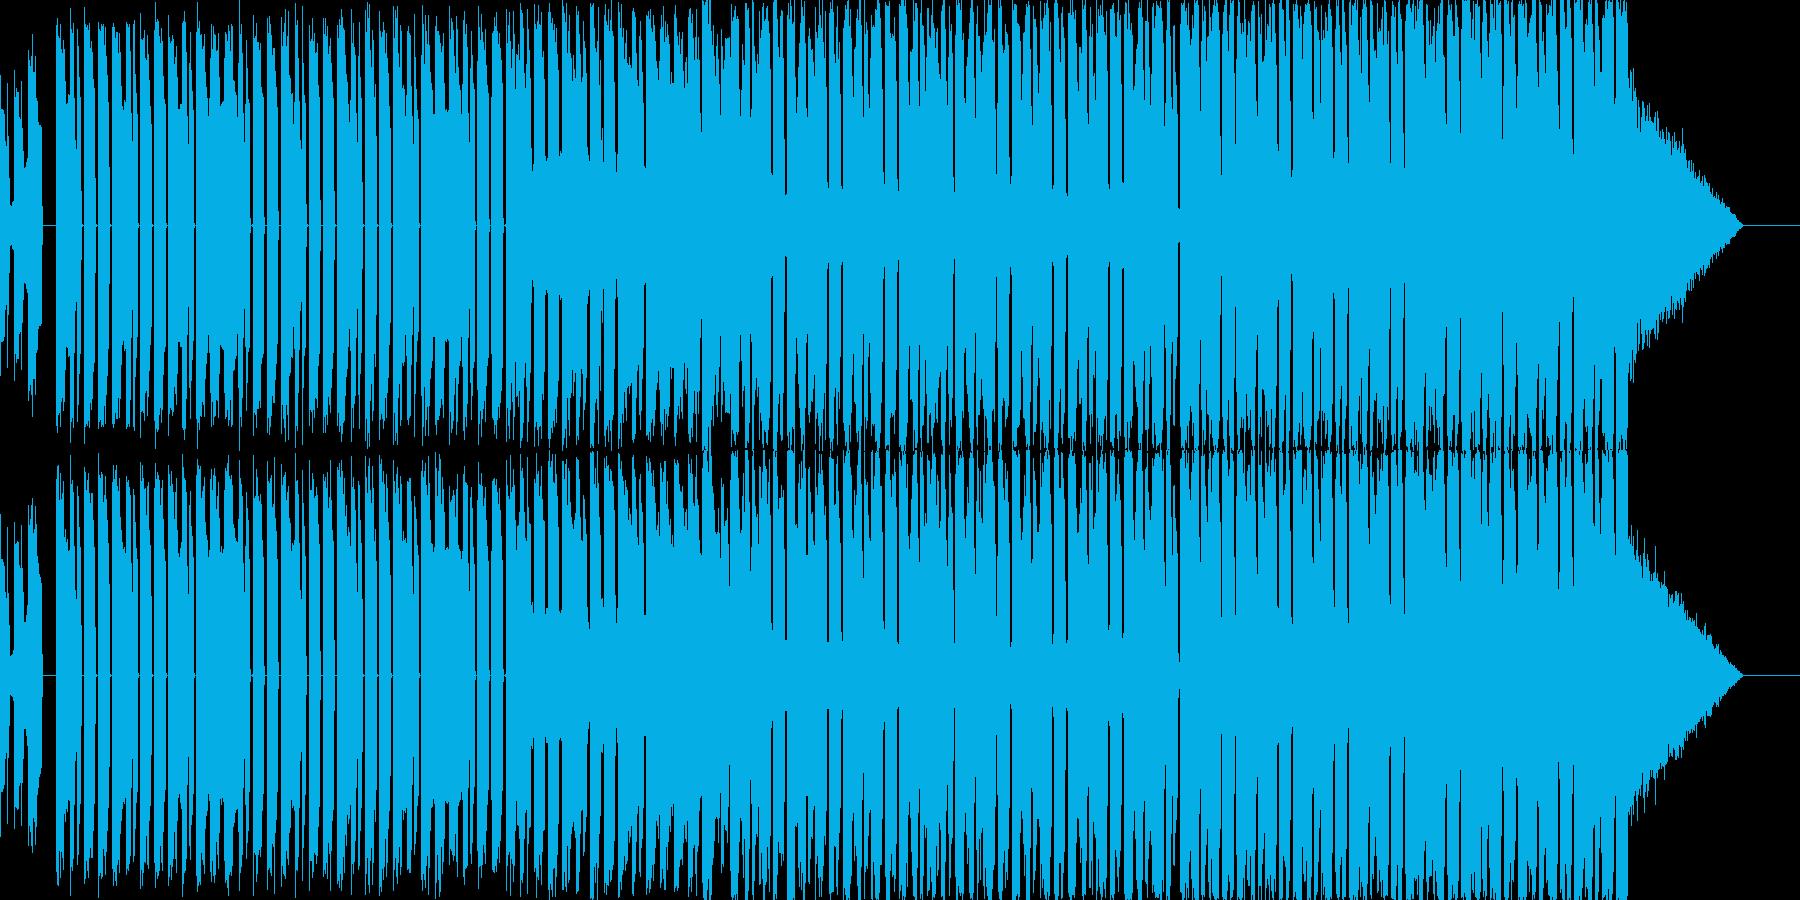 エレクトロで疾走感のあるBGMの再生済みの波形